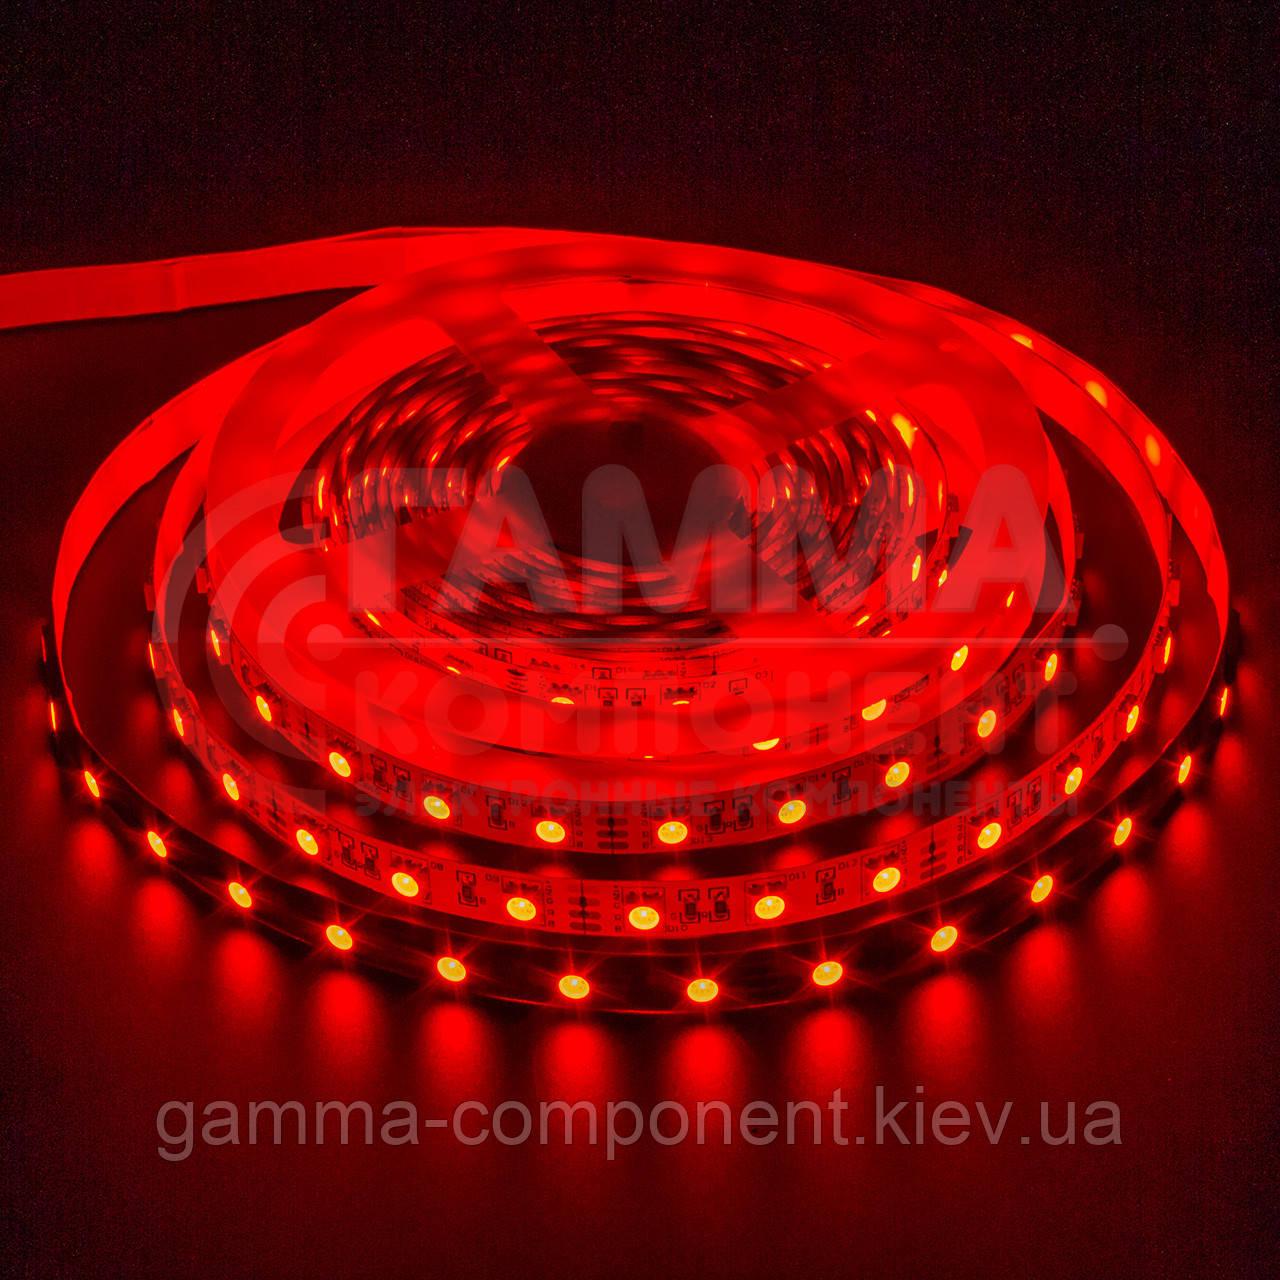 Светодиодная лента MOTOKO PREMIUM SMD 5050 (30 LED/м), красный ,IP20, 12В - бобины от 5 метров